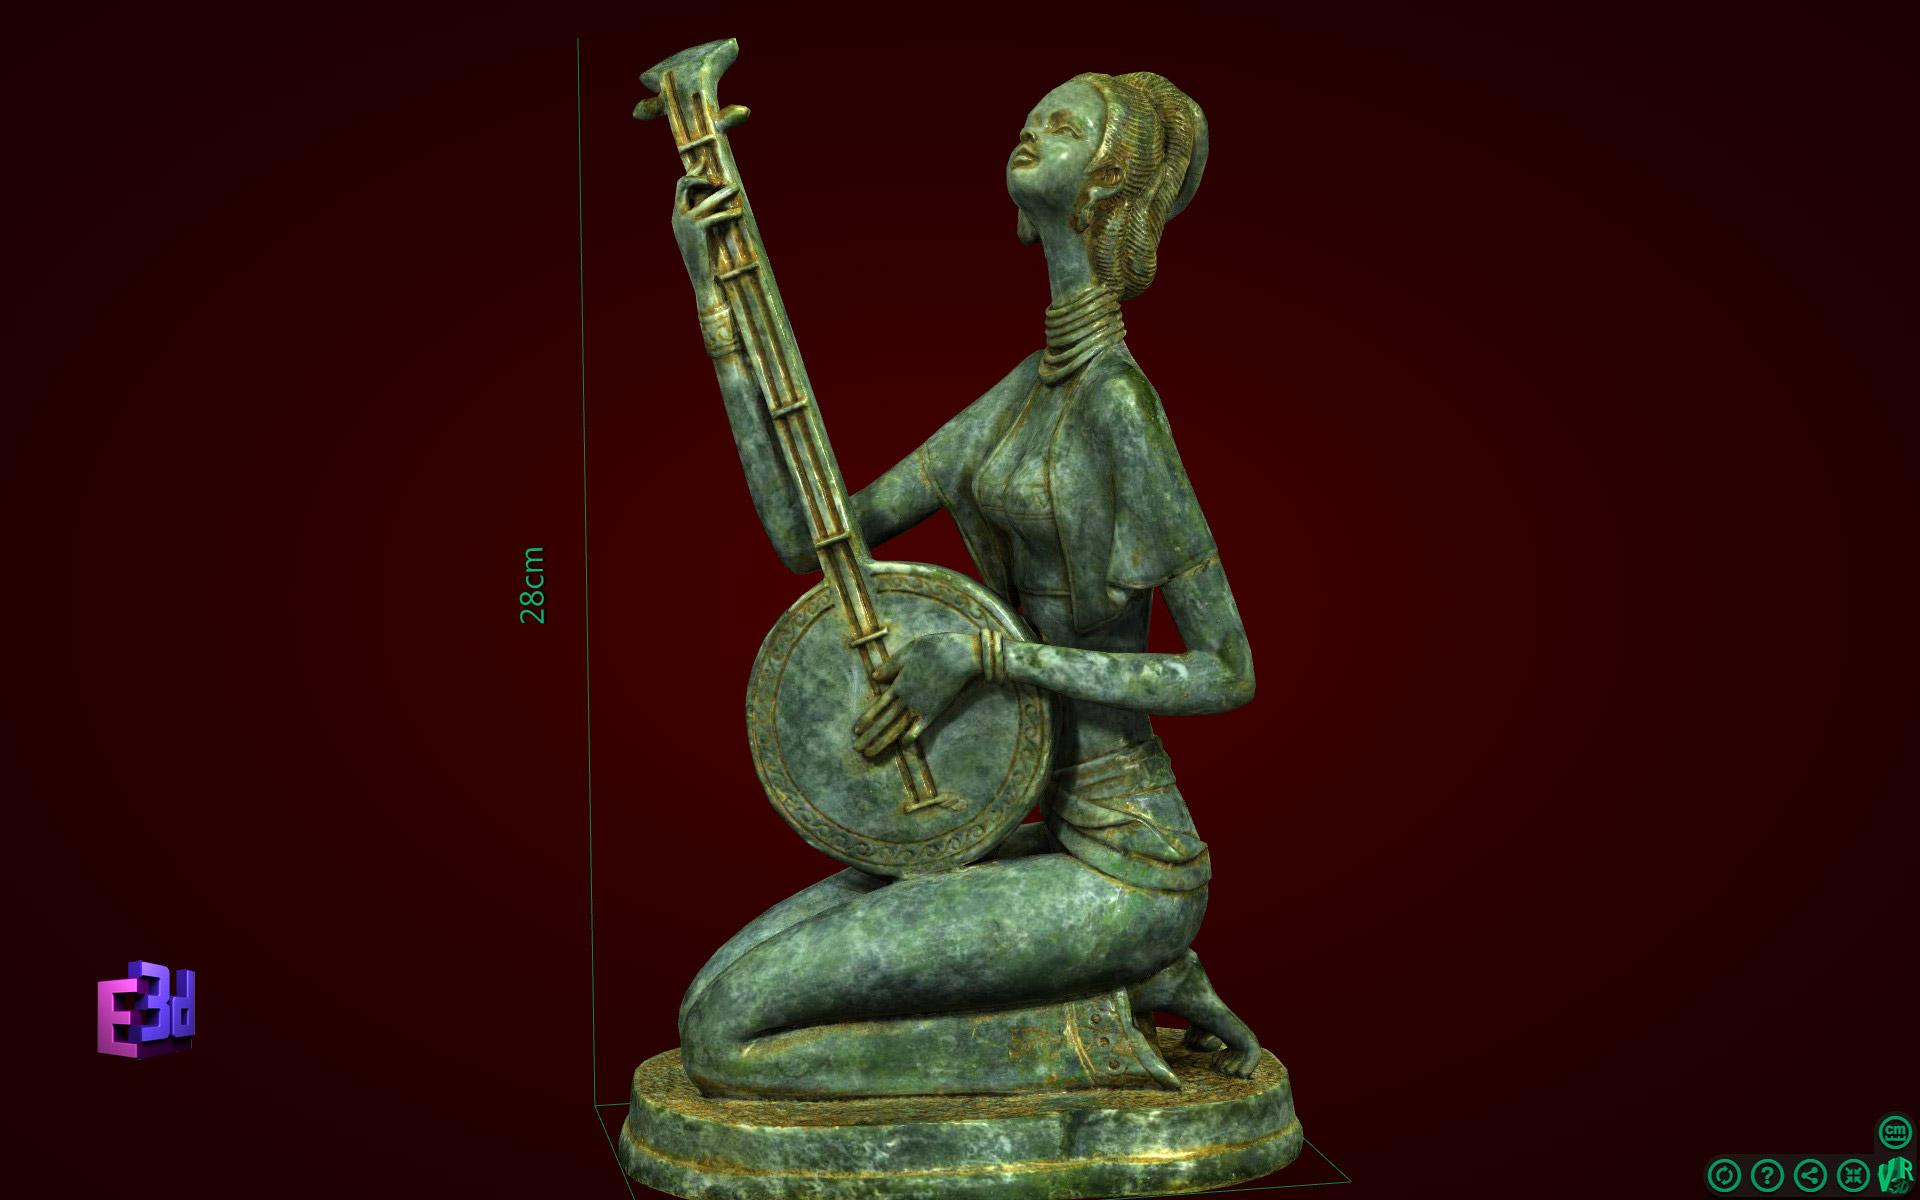 Tượng nghệ thuật - Cô gái đánh đàn